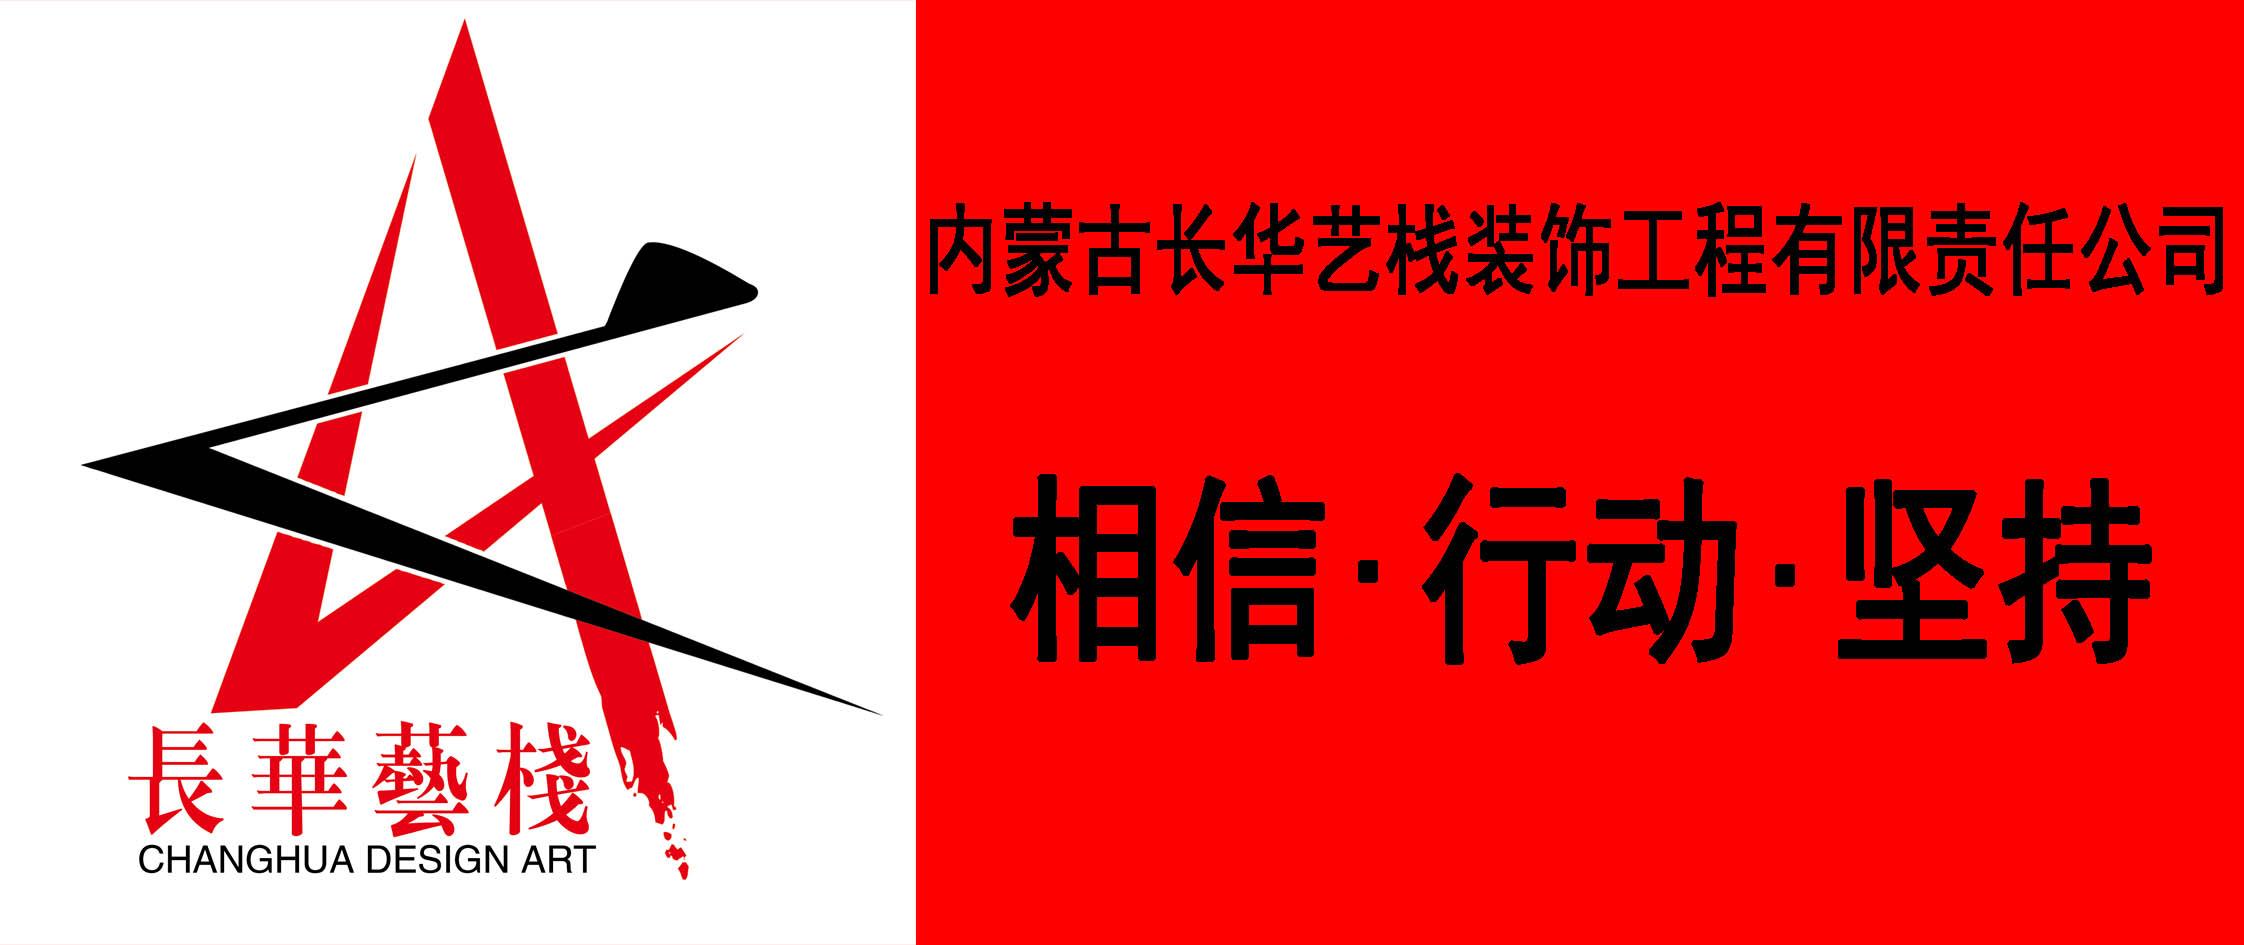 内蒙古长华艺栈装饰工程有限责任公司